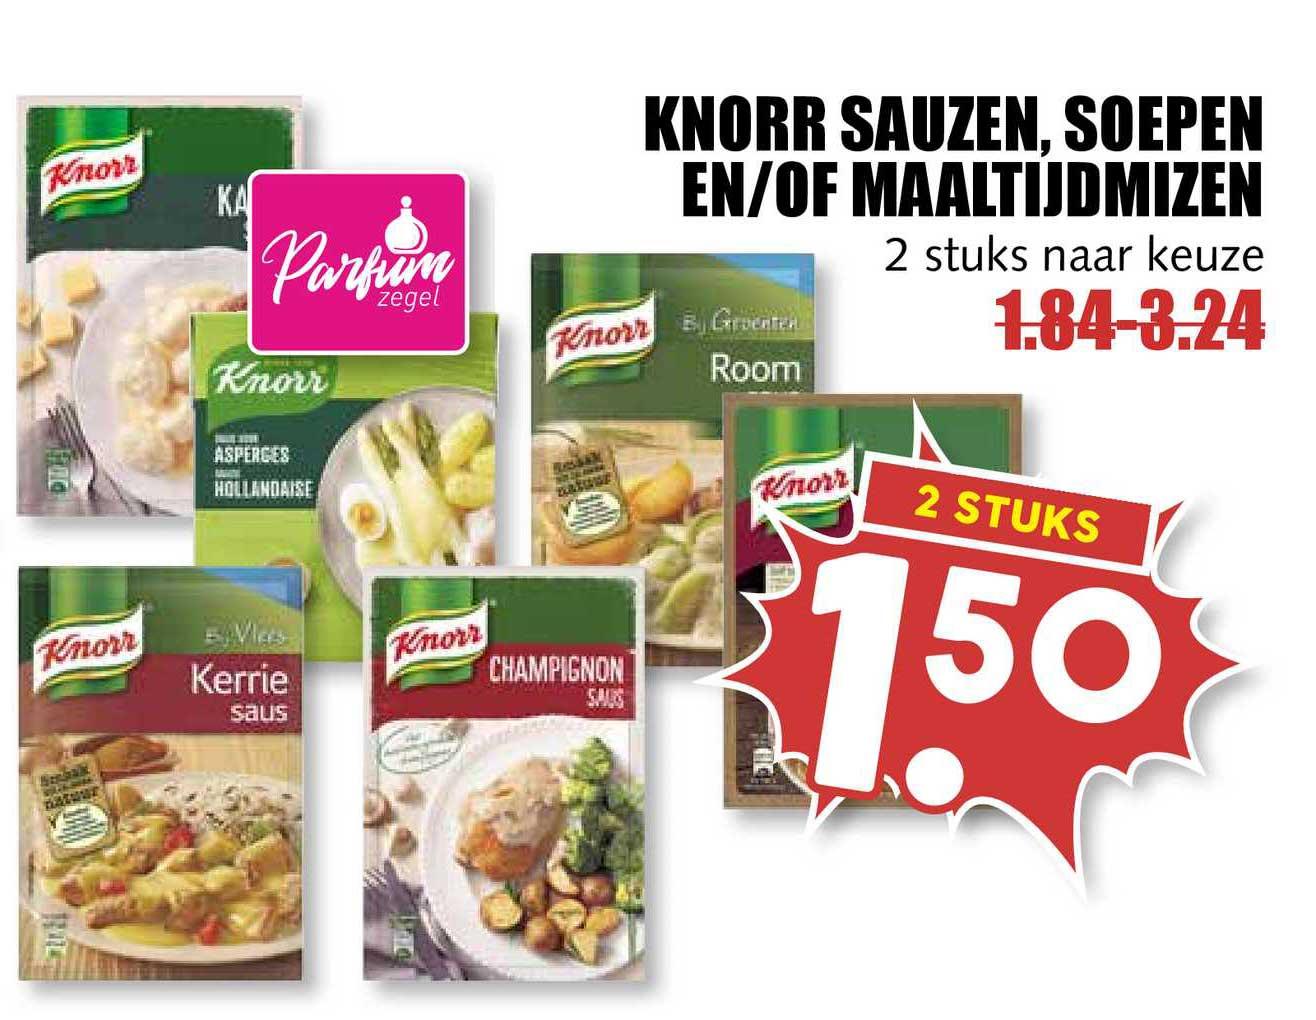 MCD Supermarkt Knorr Sauzen, Soepen En-of Maaltijdmizen